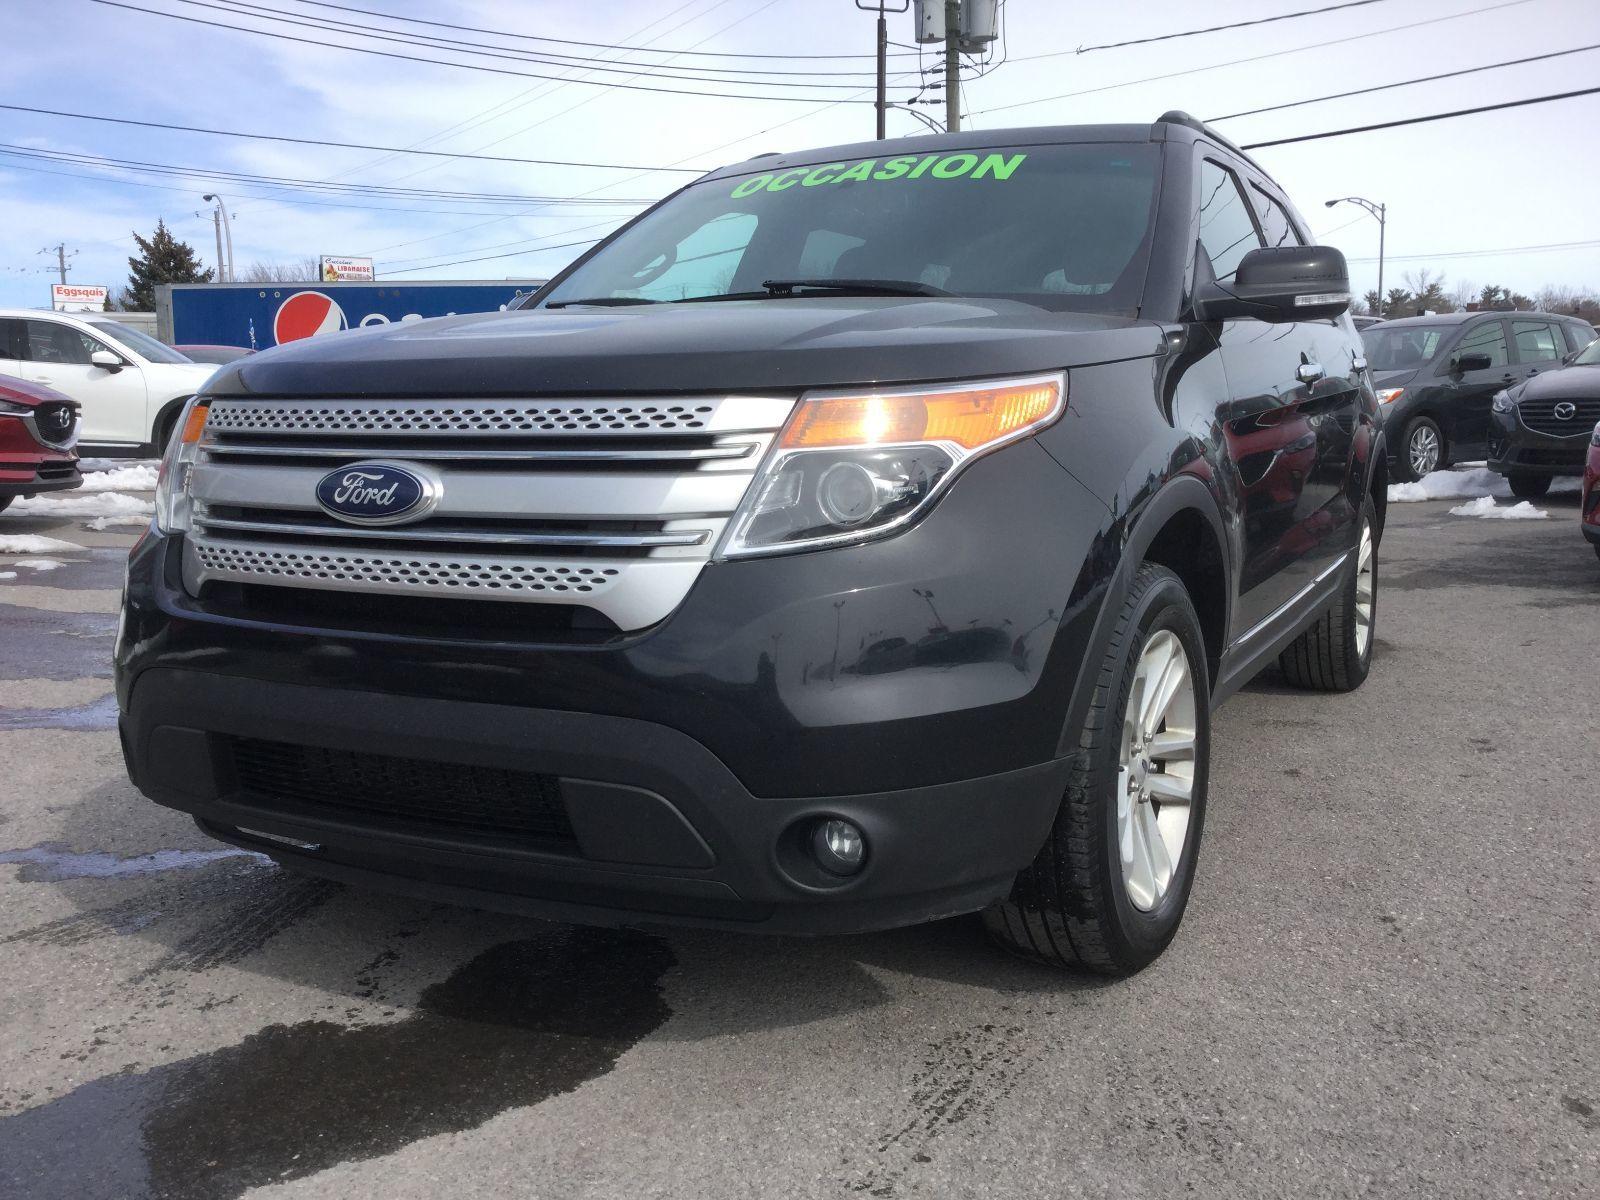 Ford Explorer **RÉSERVÉ**, XLT, AWD, 7 PASSAGERS, 2013 JAMAIS ACCIDENTÉ